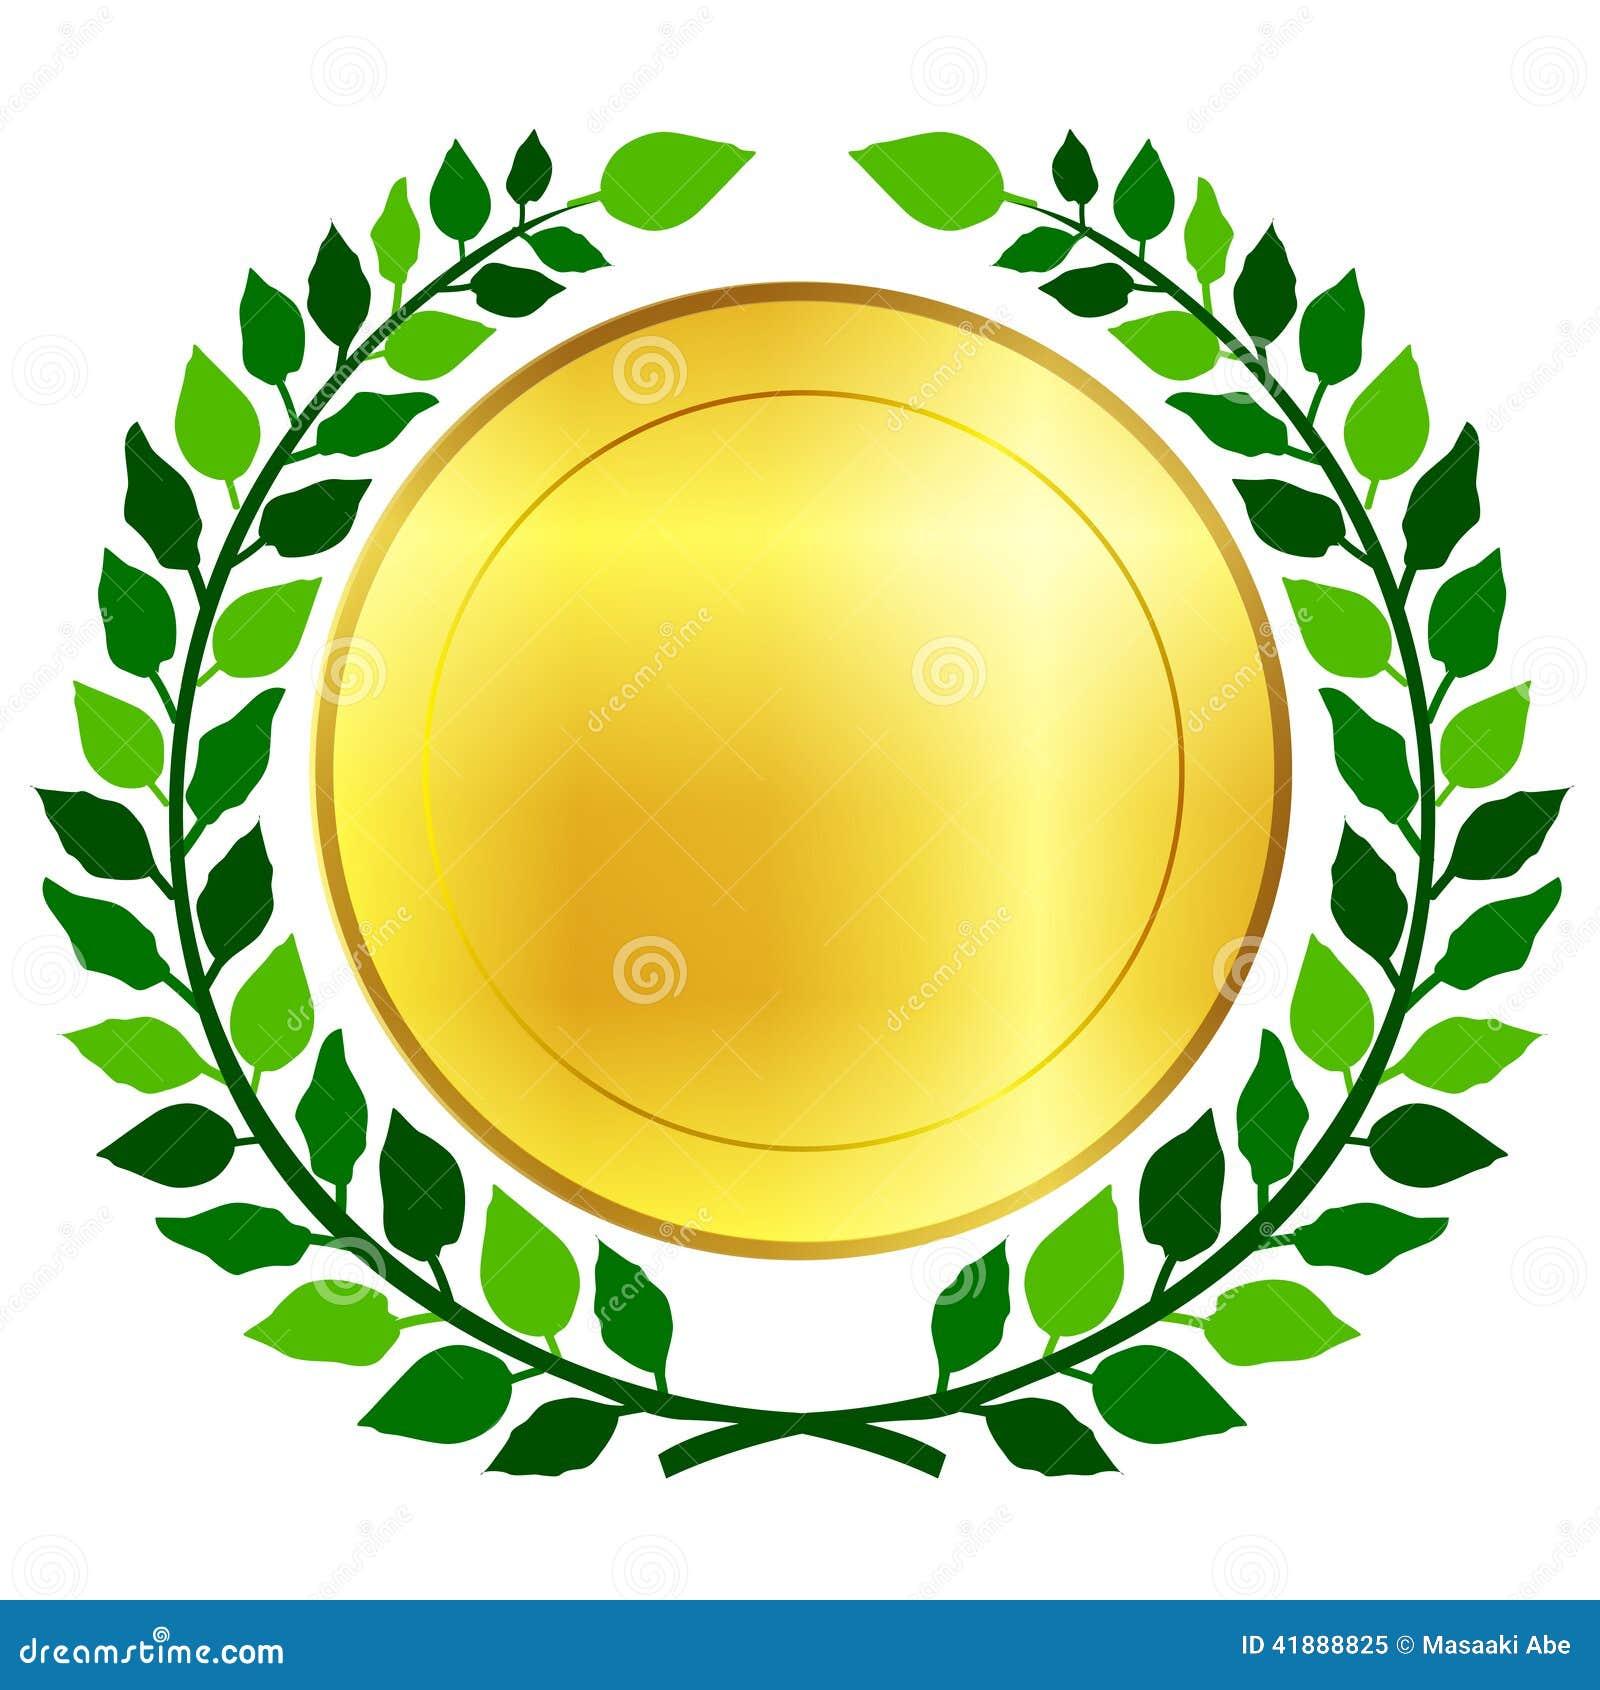 Lujo Medalla En El Marco Imagen - Ideas Personalizadas de Marco de ...